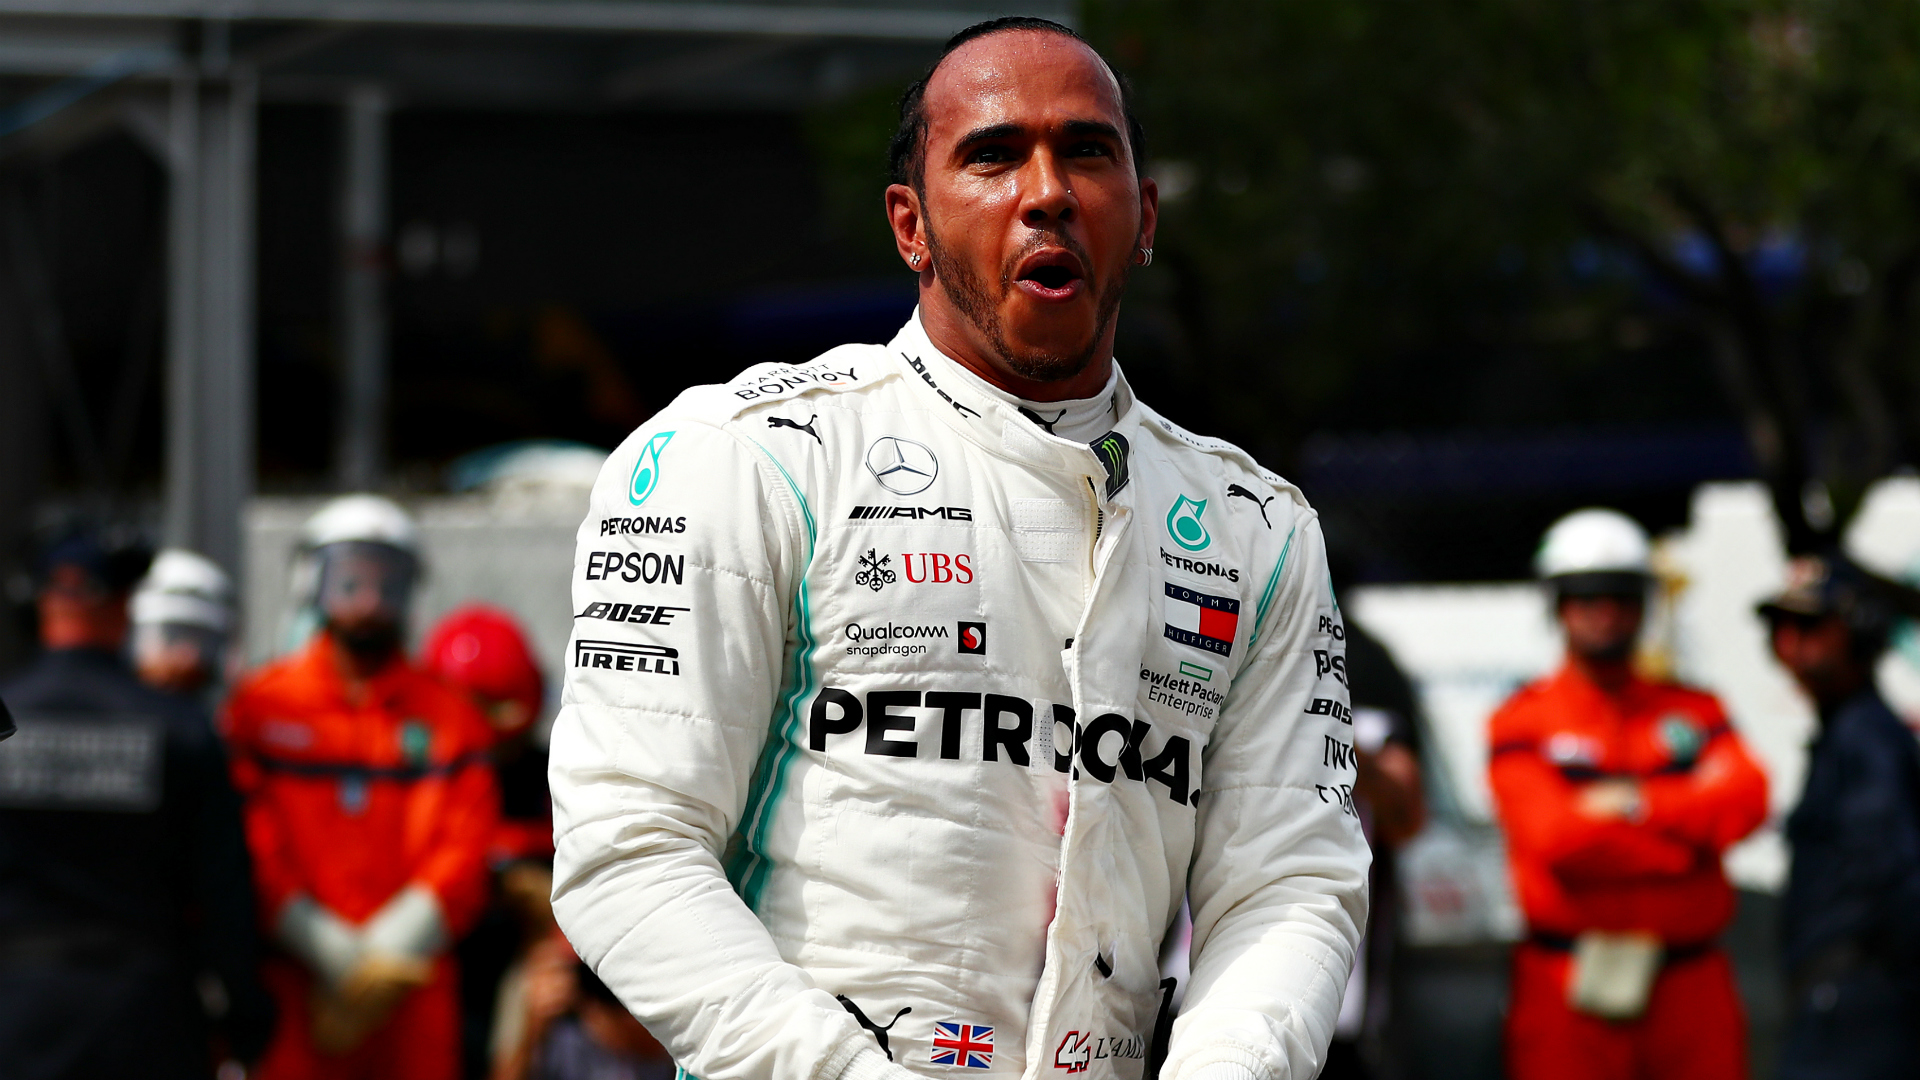 F1 Raceweek: Hamilton hopes rain will not scupper likely Monaco glory